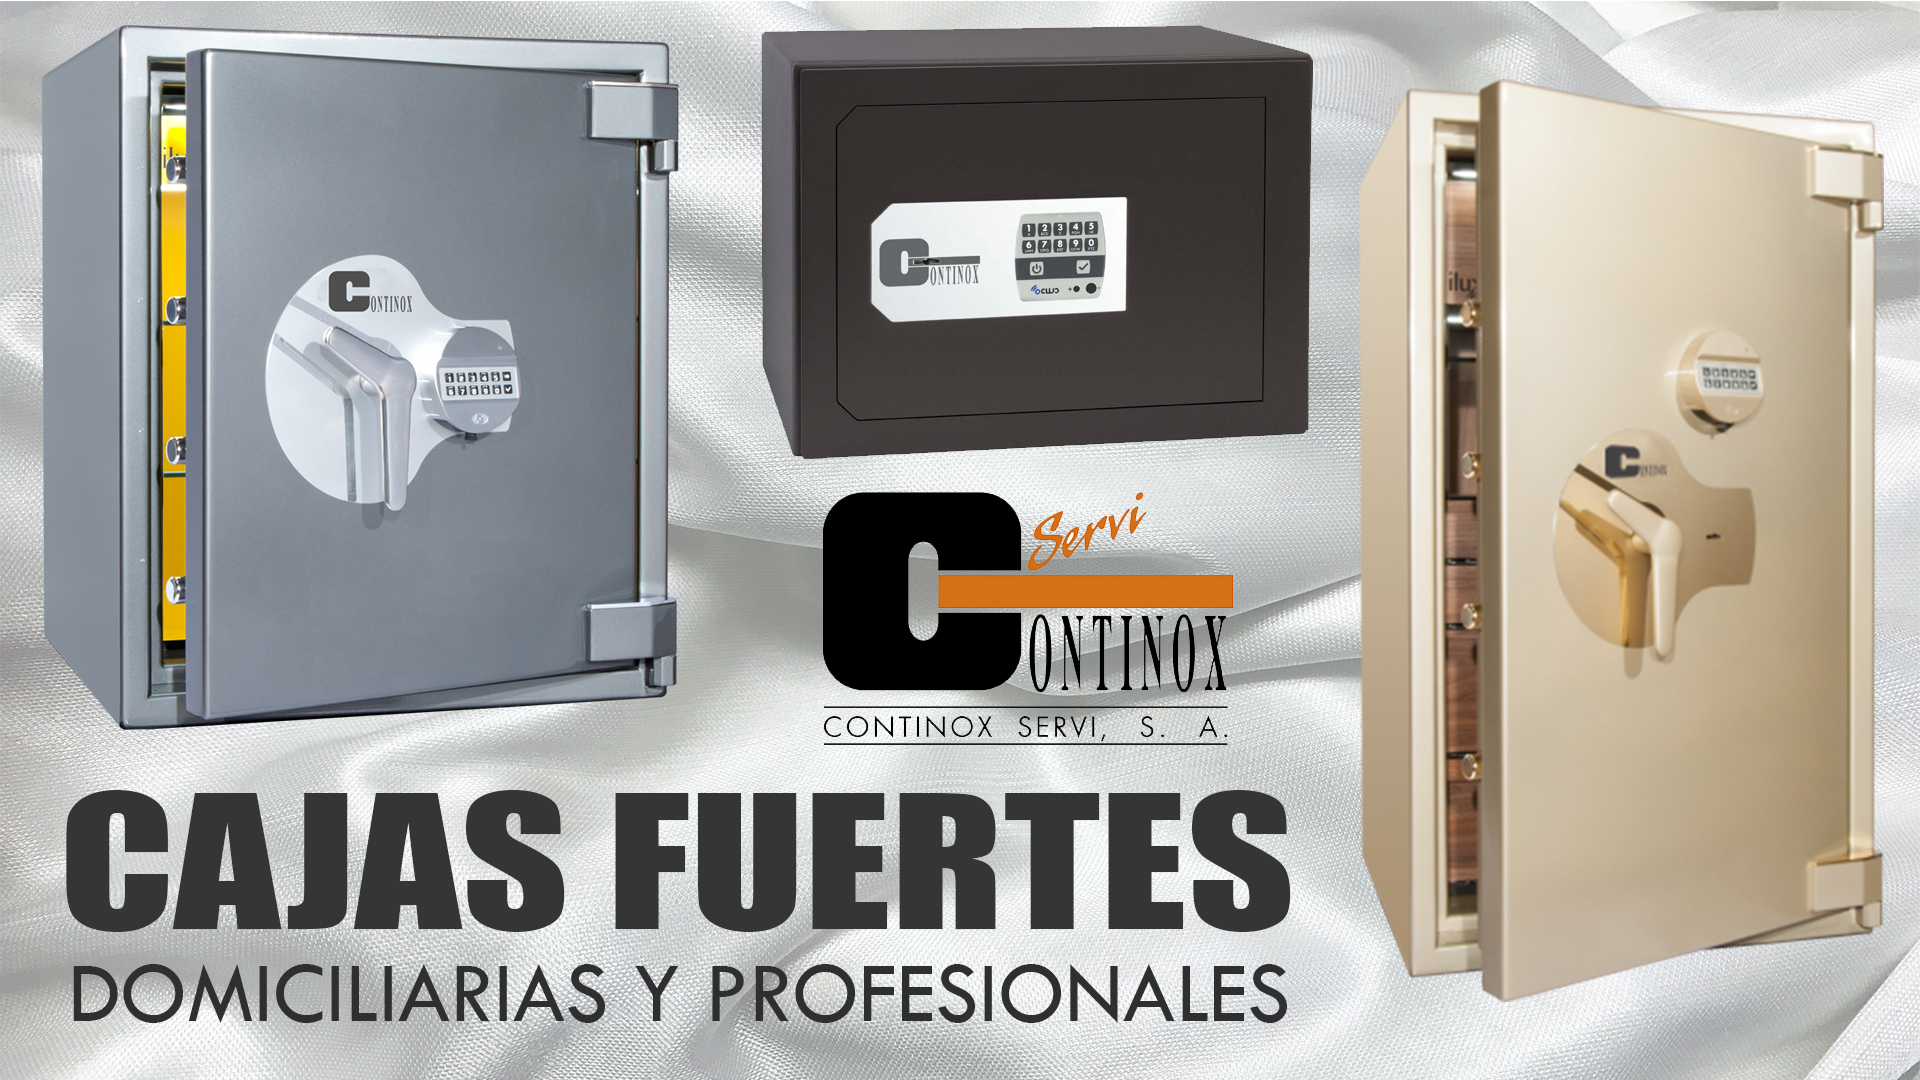 Cajas Fuertes en Madrid. Tienda de Cajas Fuertes en Madrid Cajas Fuertes Fichet Continox